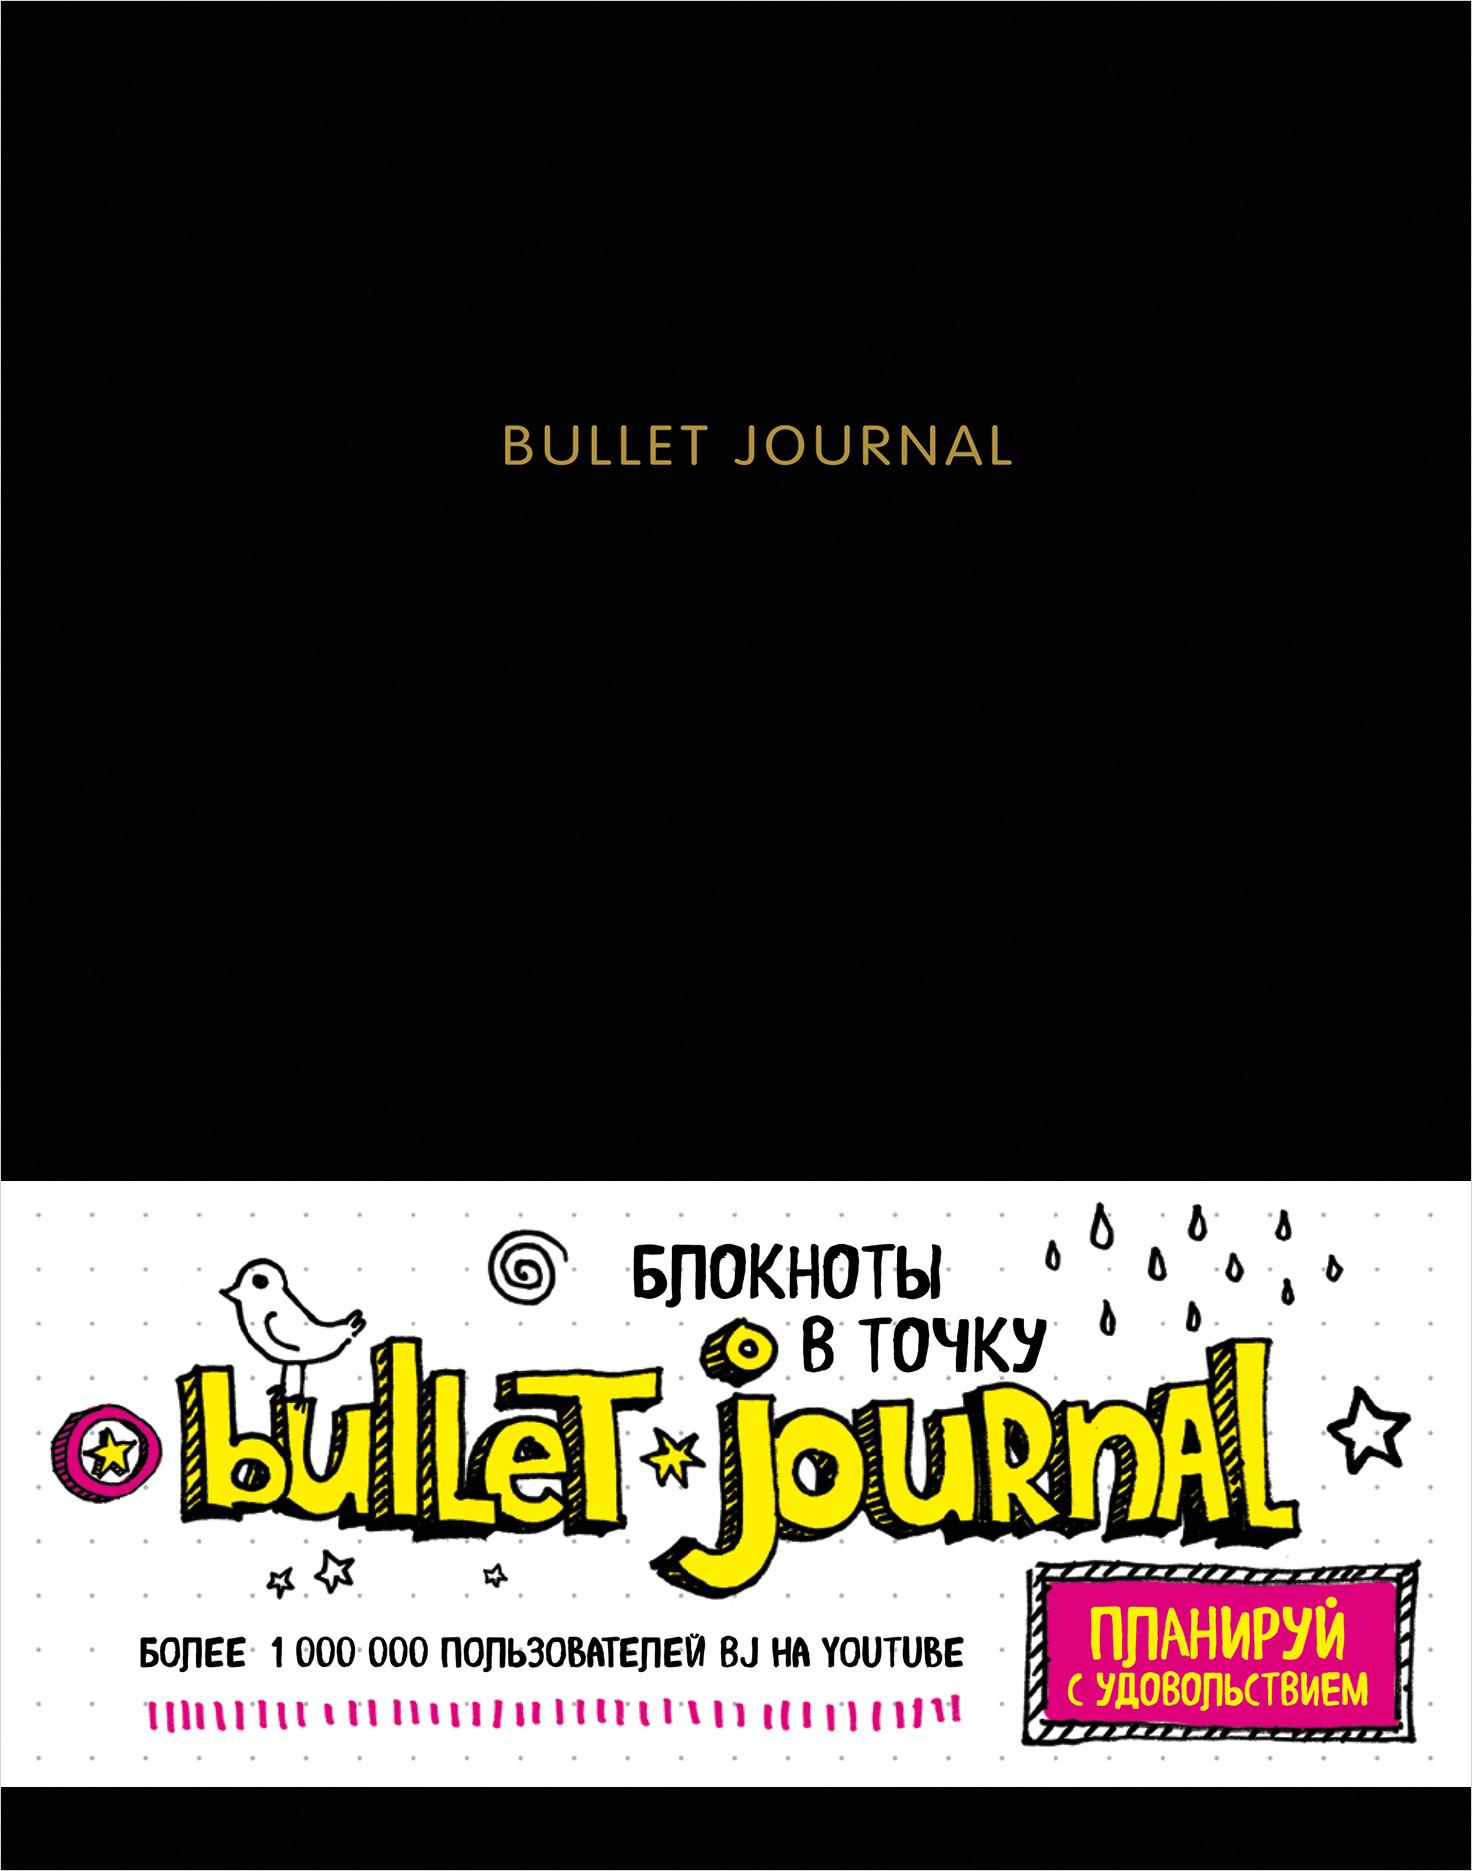 Блокнот в точку Bullet Journal: Чёрный